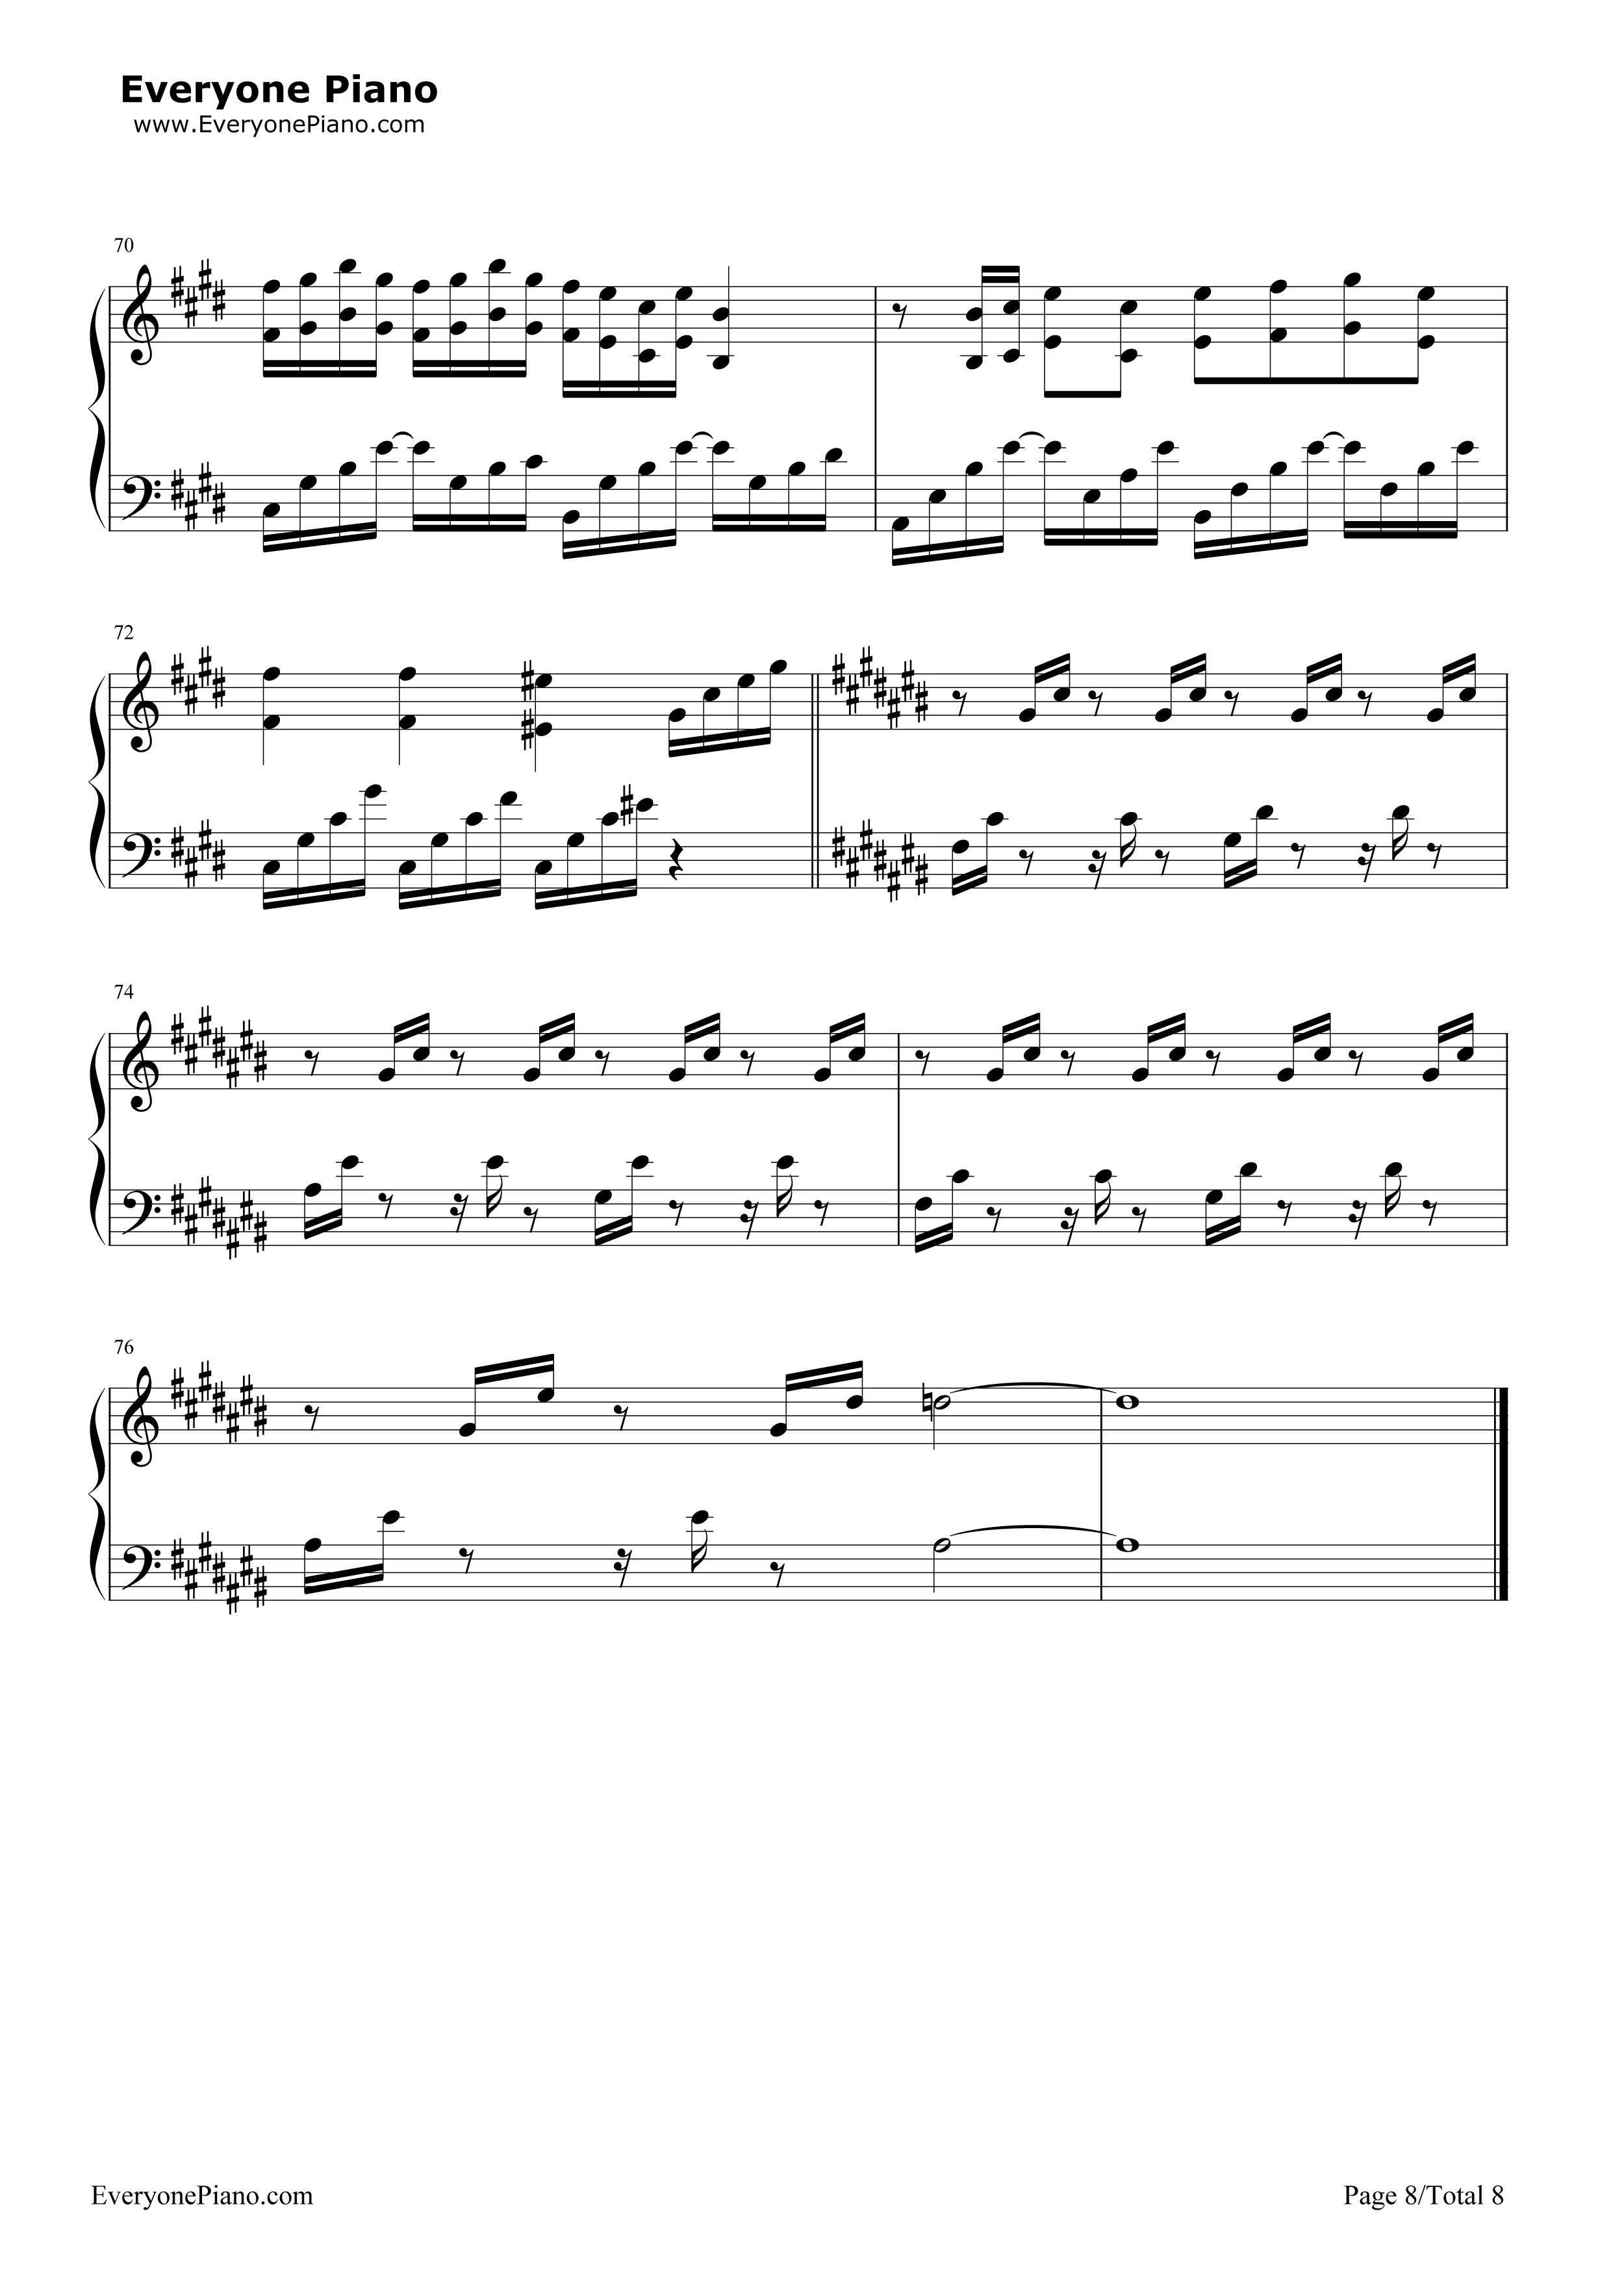 采茶紀-雙笙五線譜預覽8-鋼琴譜檔(五線譜、雙手簡譜、數位譜、Midi、PDF)免費下載